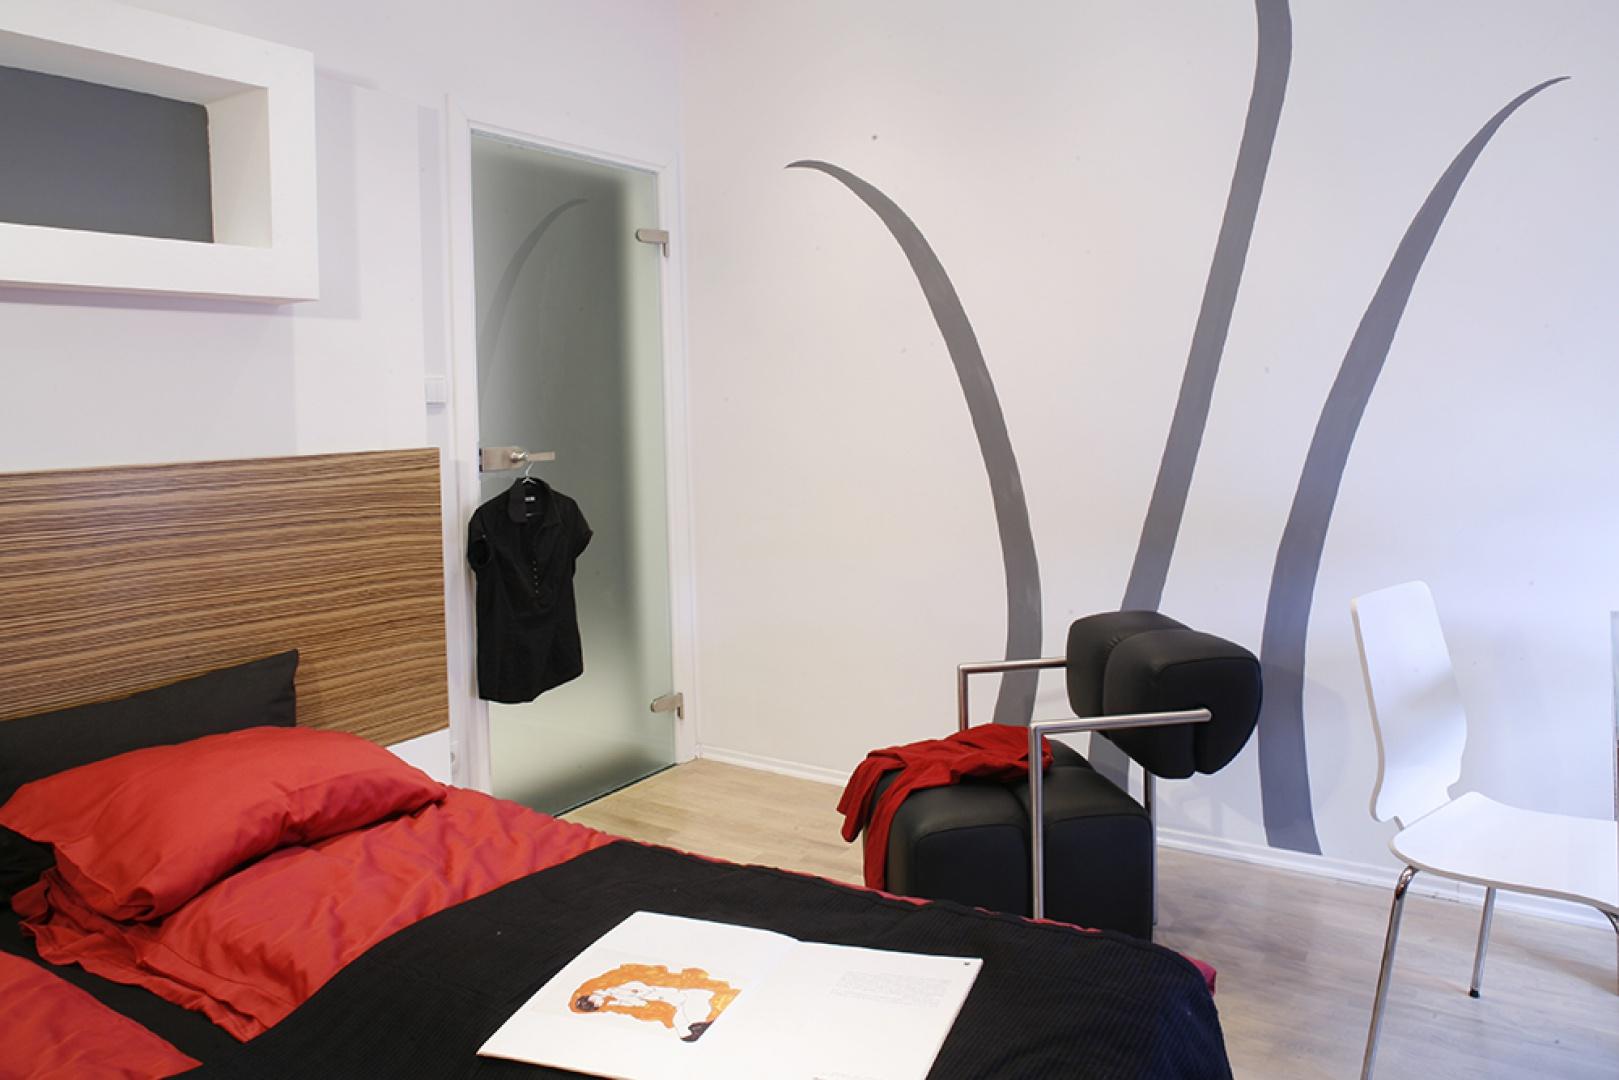 W lekkiej, świeżej sypialni biel zdecydowanie dominuje nad pozostałymi kolorami, towarzyszącymi jej głównie w postaci mocnych dodatków i akcentów. Oryginalne dekoracje ścienne wykonała krakowska malarka. Fot. Monika Filipiuk.